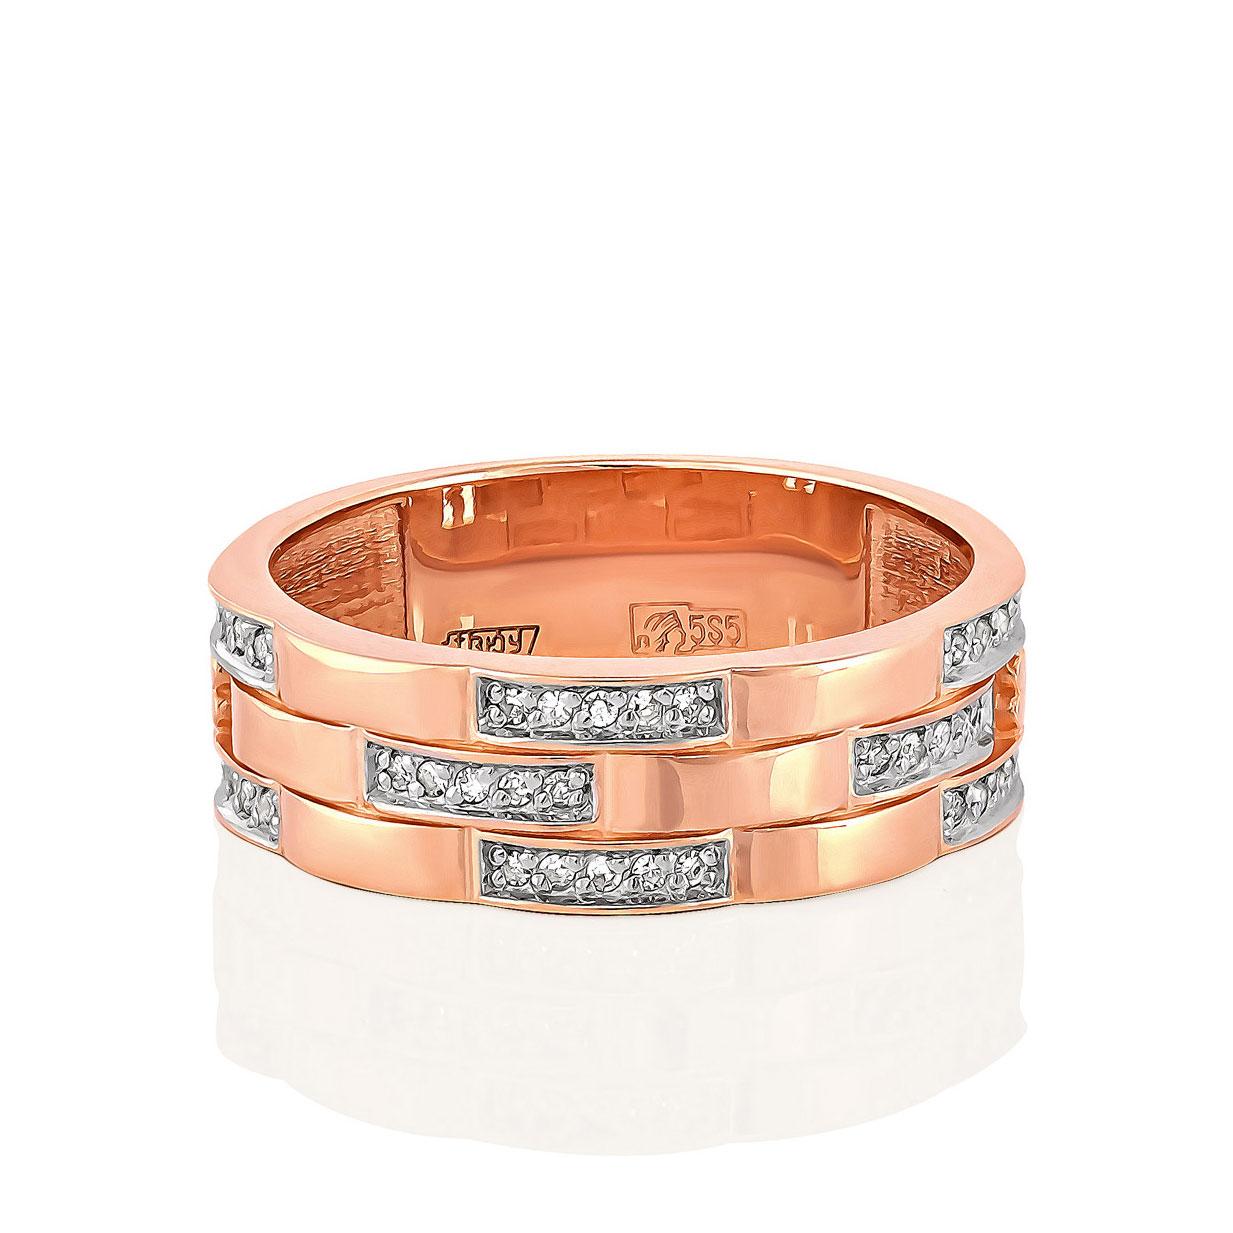 Обручальное кольцо из золота с бриллиантом арт. 1-0428-1000 1-0428-1000